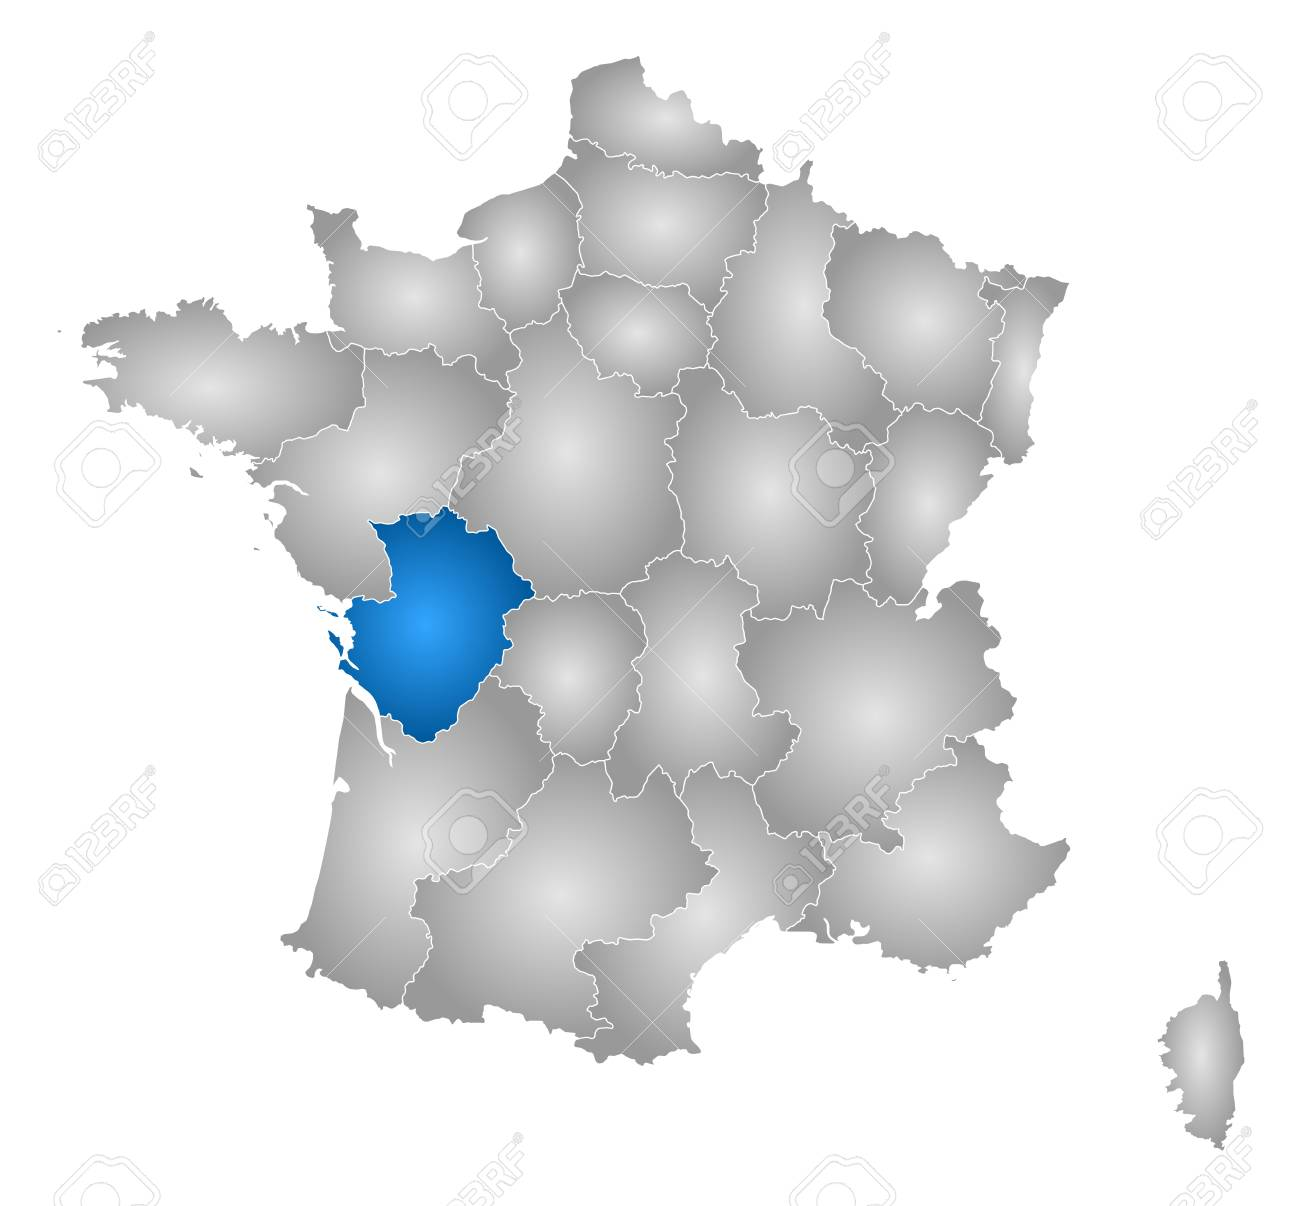 Carte De France Avec Les Provinces Remplie Dun Gradient Radial Poitou Charentes Est Mis En évidence